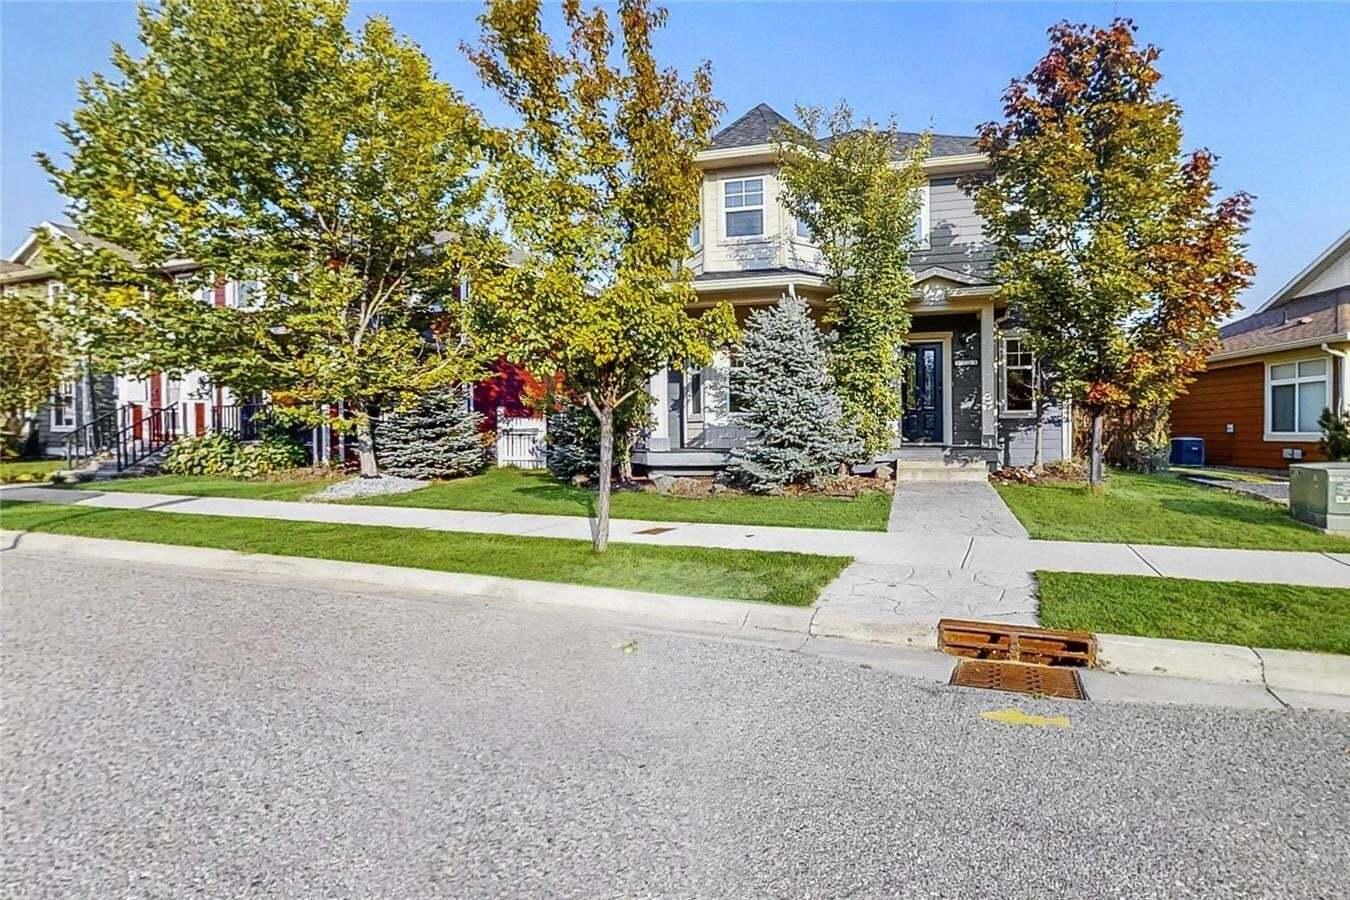 House for sale at 5327 Ptarmigan St Kelowna British Columbia - MLS: 10215330